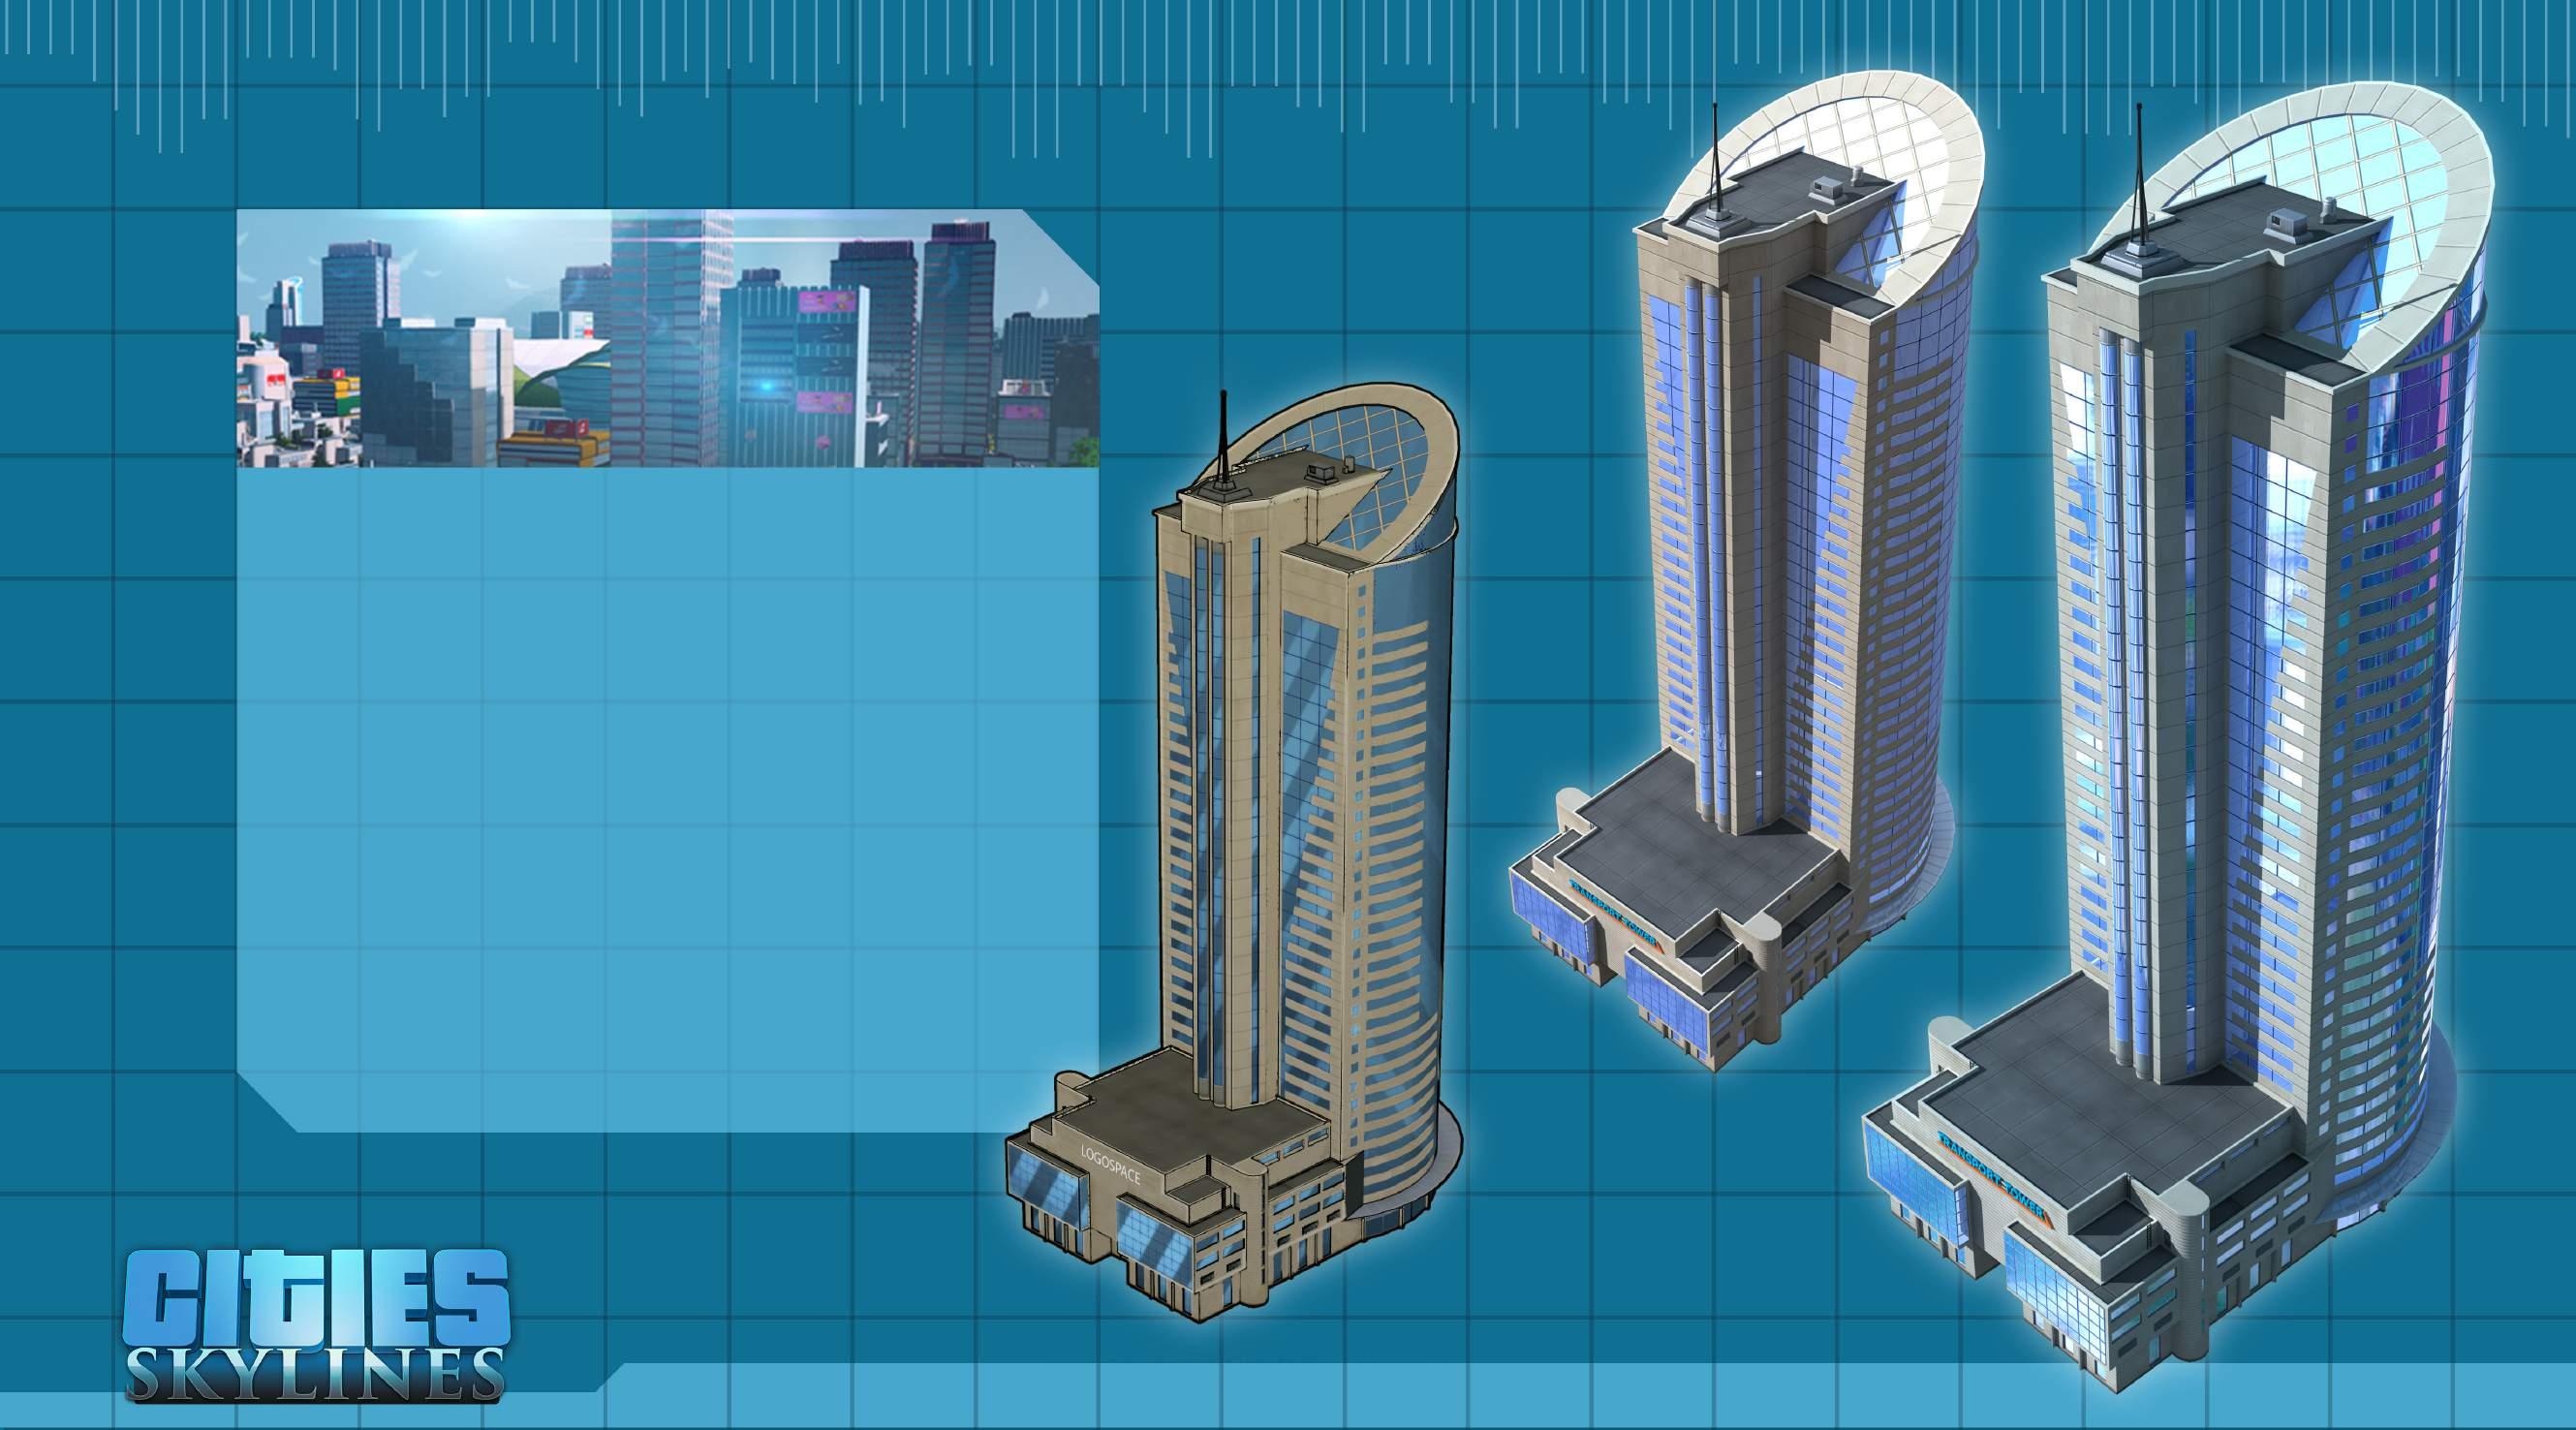 01 - Cities: Skylines